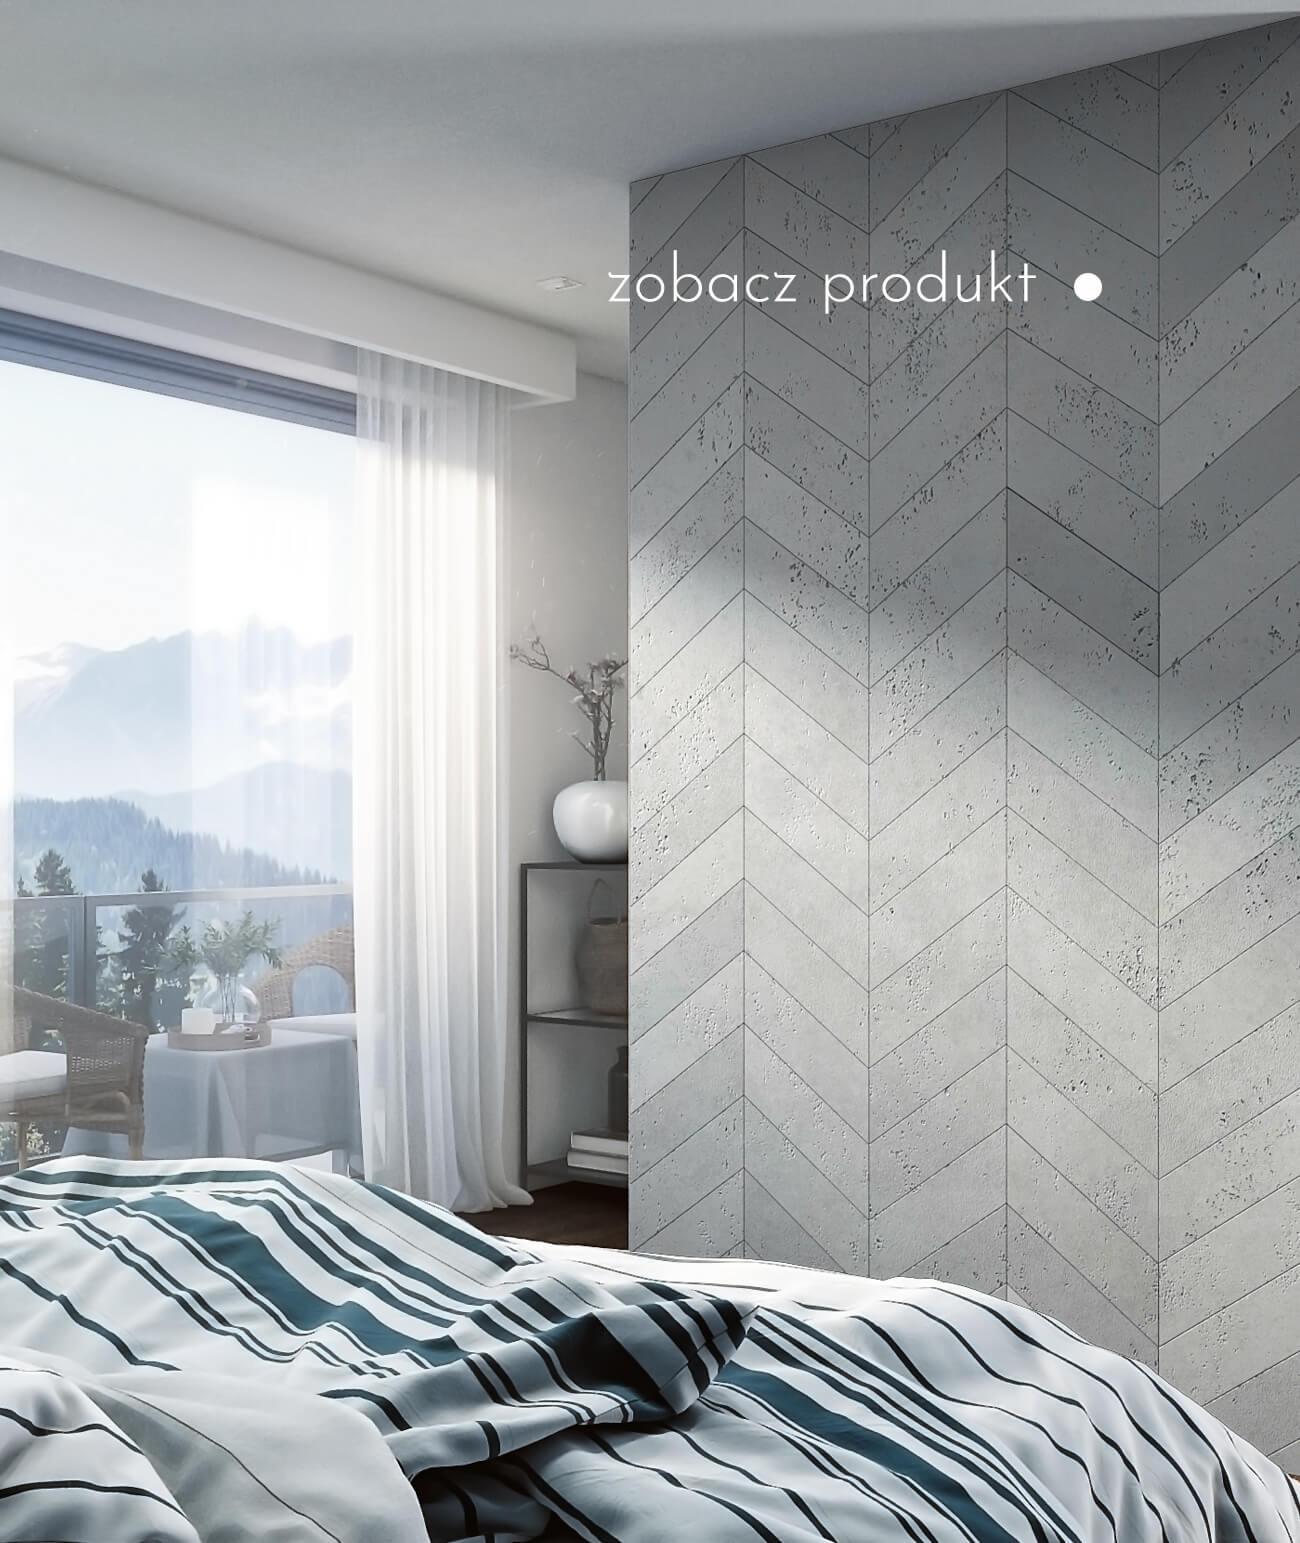 panele-betonowe-3d-scienne-i-elewacyjne-beton-architektoniczny_394-2186-pb35-s50-jasno-szary-mysi-jodelka---panel-dekor-beton-architektoniczny-panel-scienny